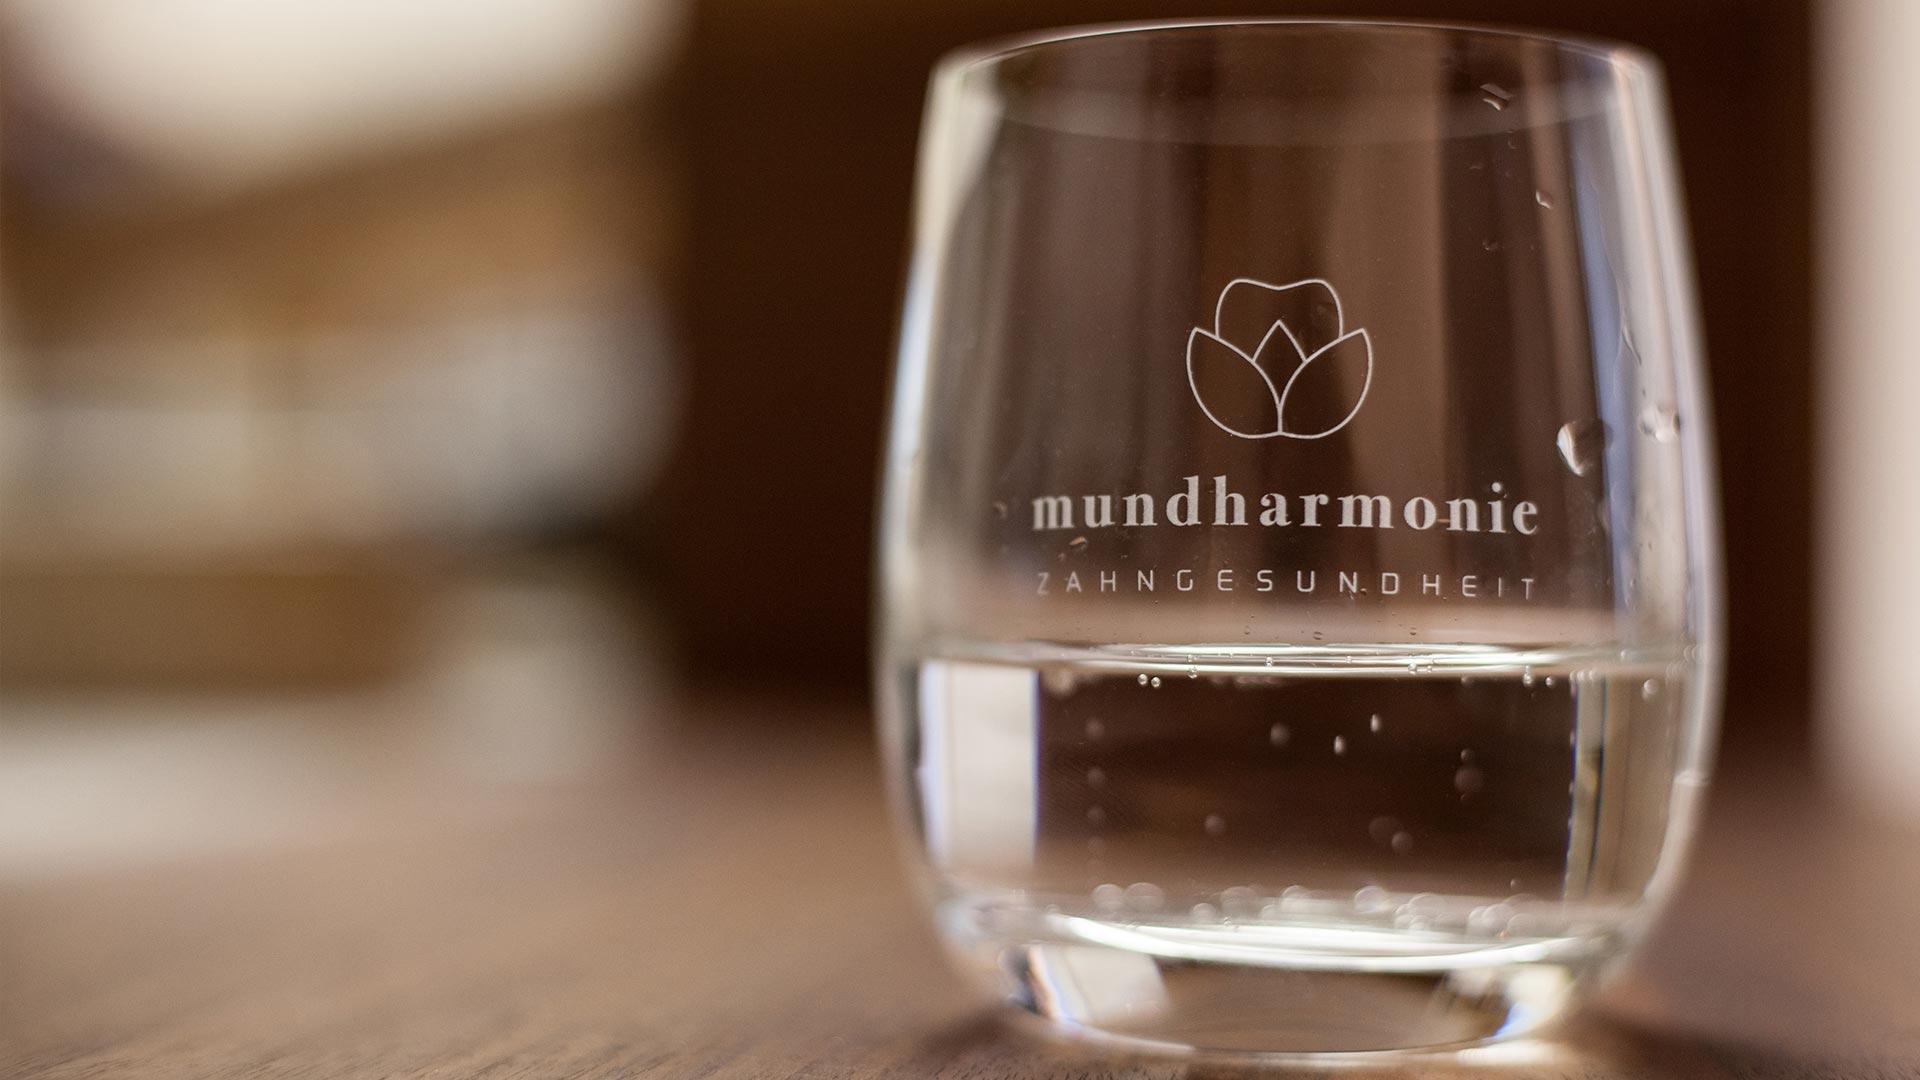 Wasserglas mit Logo mundharmonie Zahngesundheit - Zahnerhalt ästhetische Füllungen